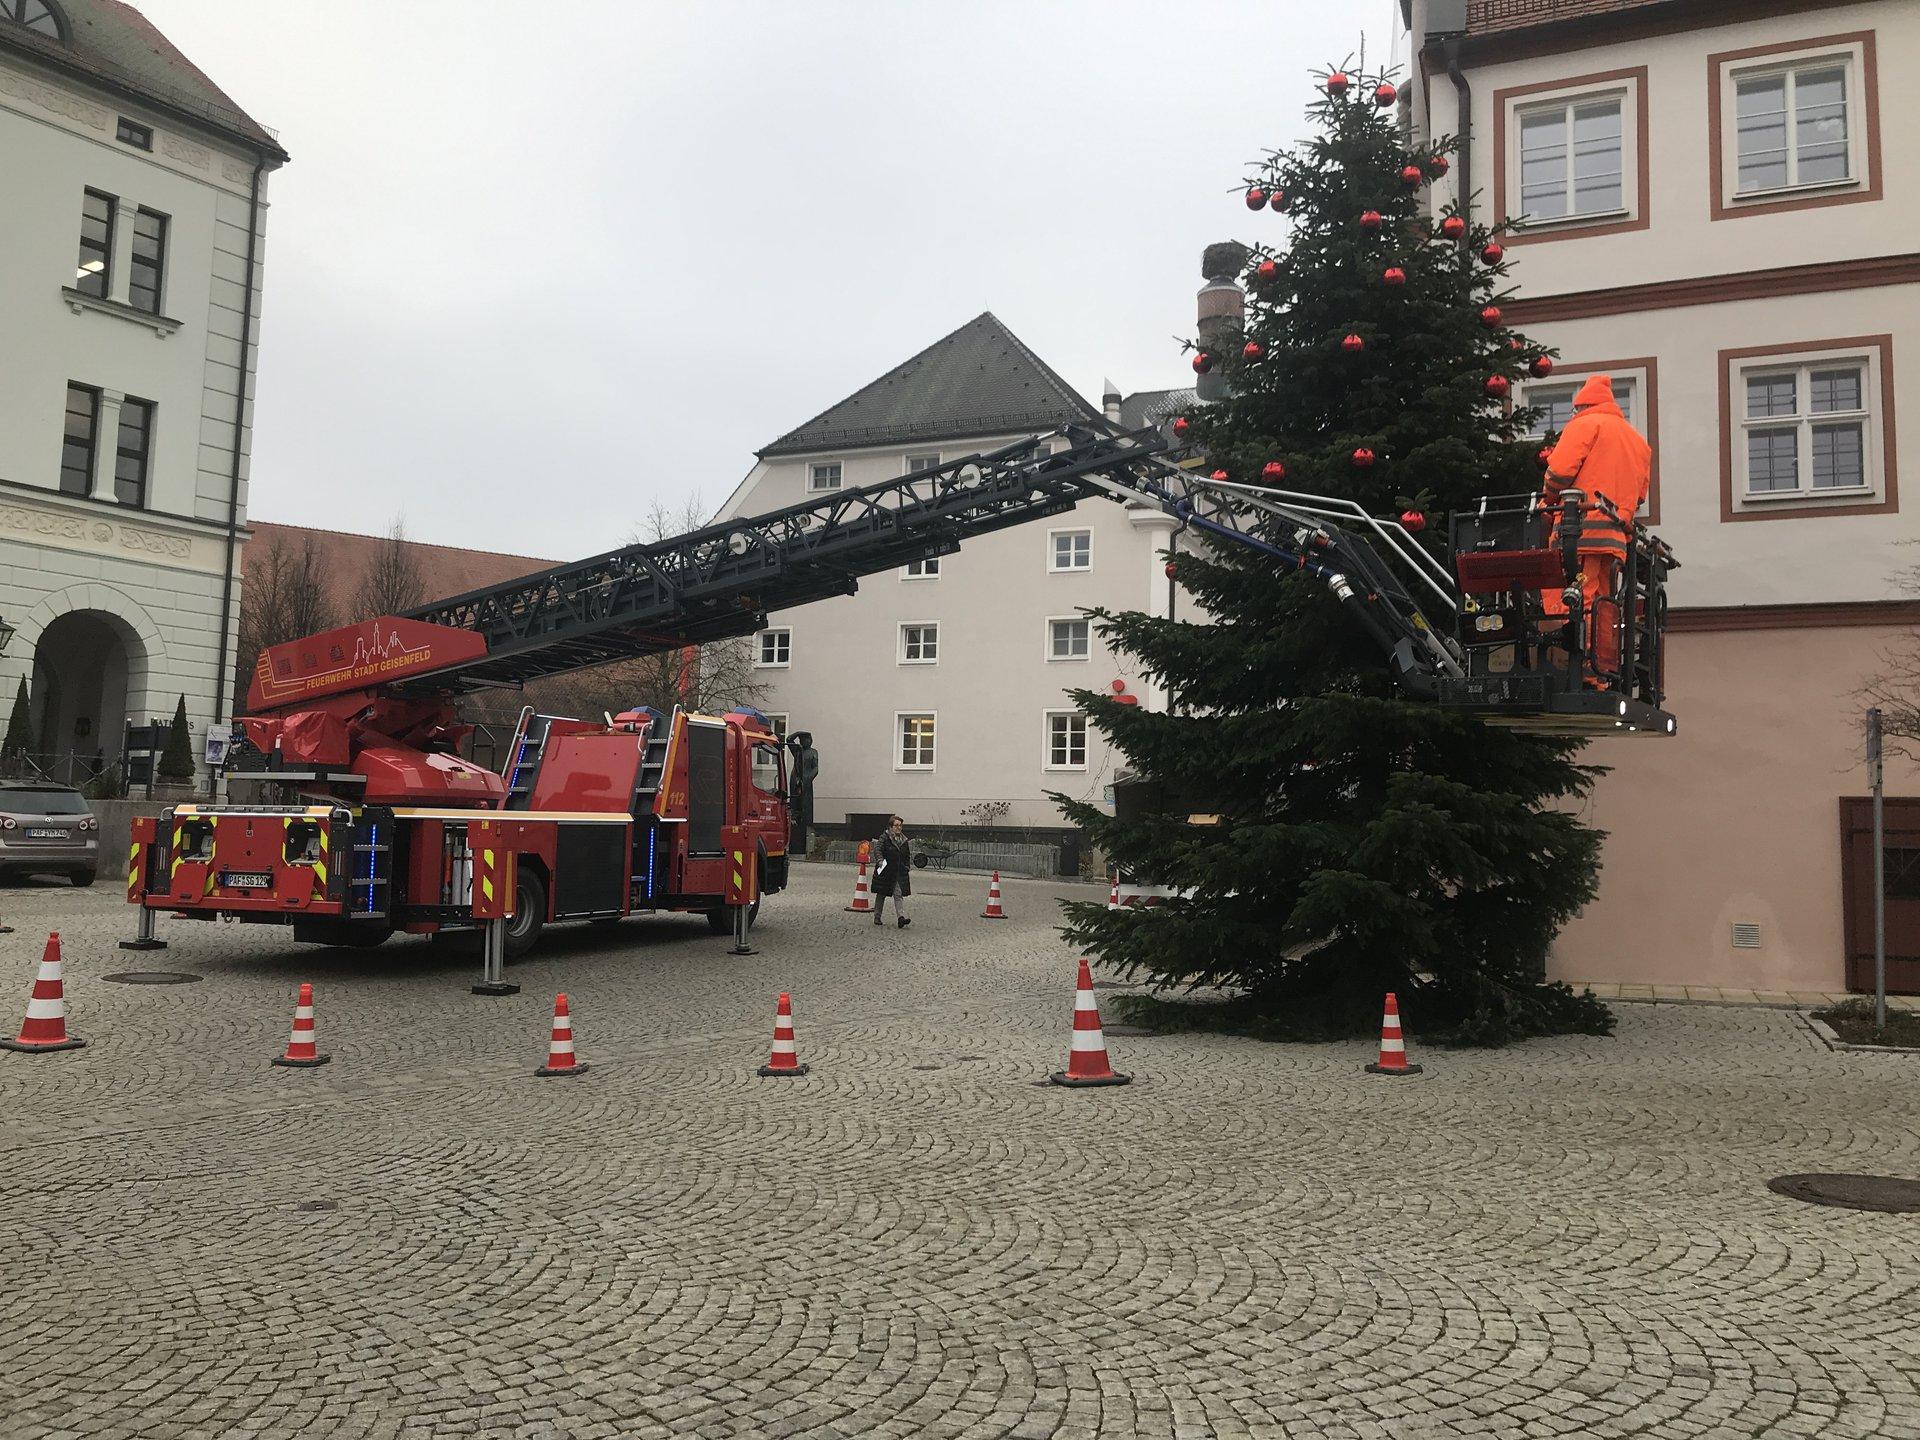 Christbaumkugeln Feuerwehr.Freiwillige Feuerwehr Geisenfeld E V Christbaum Schmücken Xxl